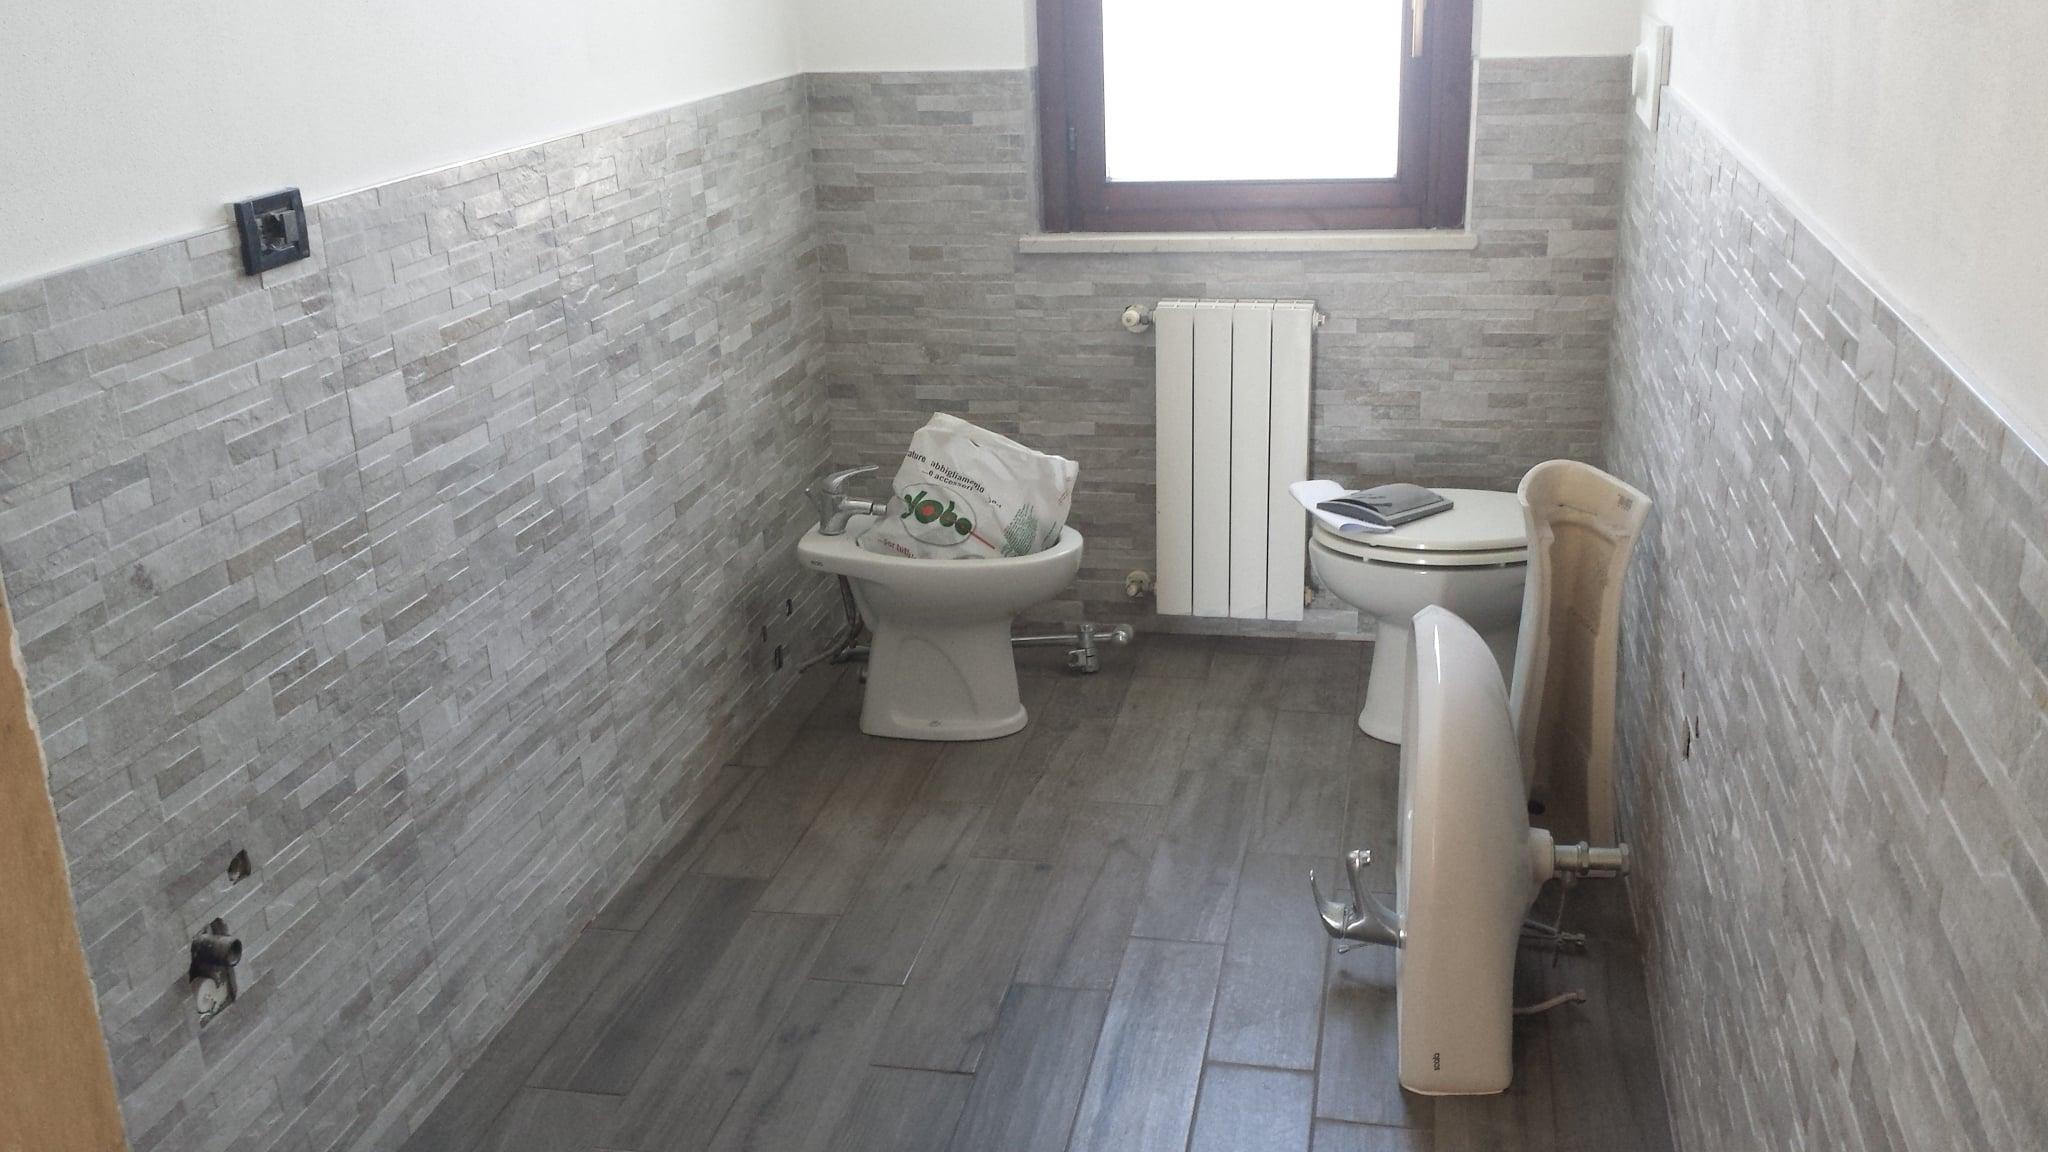 Riparazione Vasca Da Bagno Vetroresina : I migliori 20 esperti in rivestimento vasca da bagno a brescia